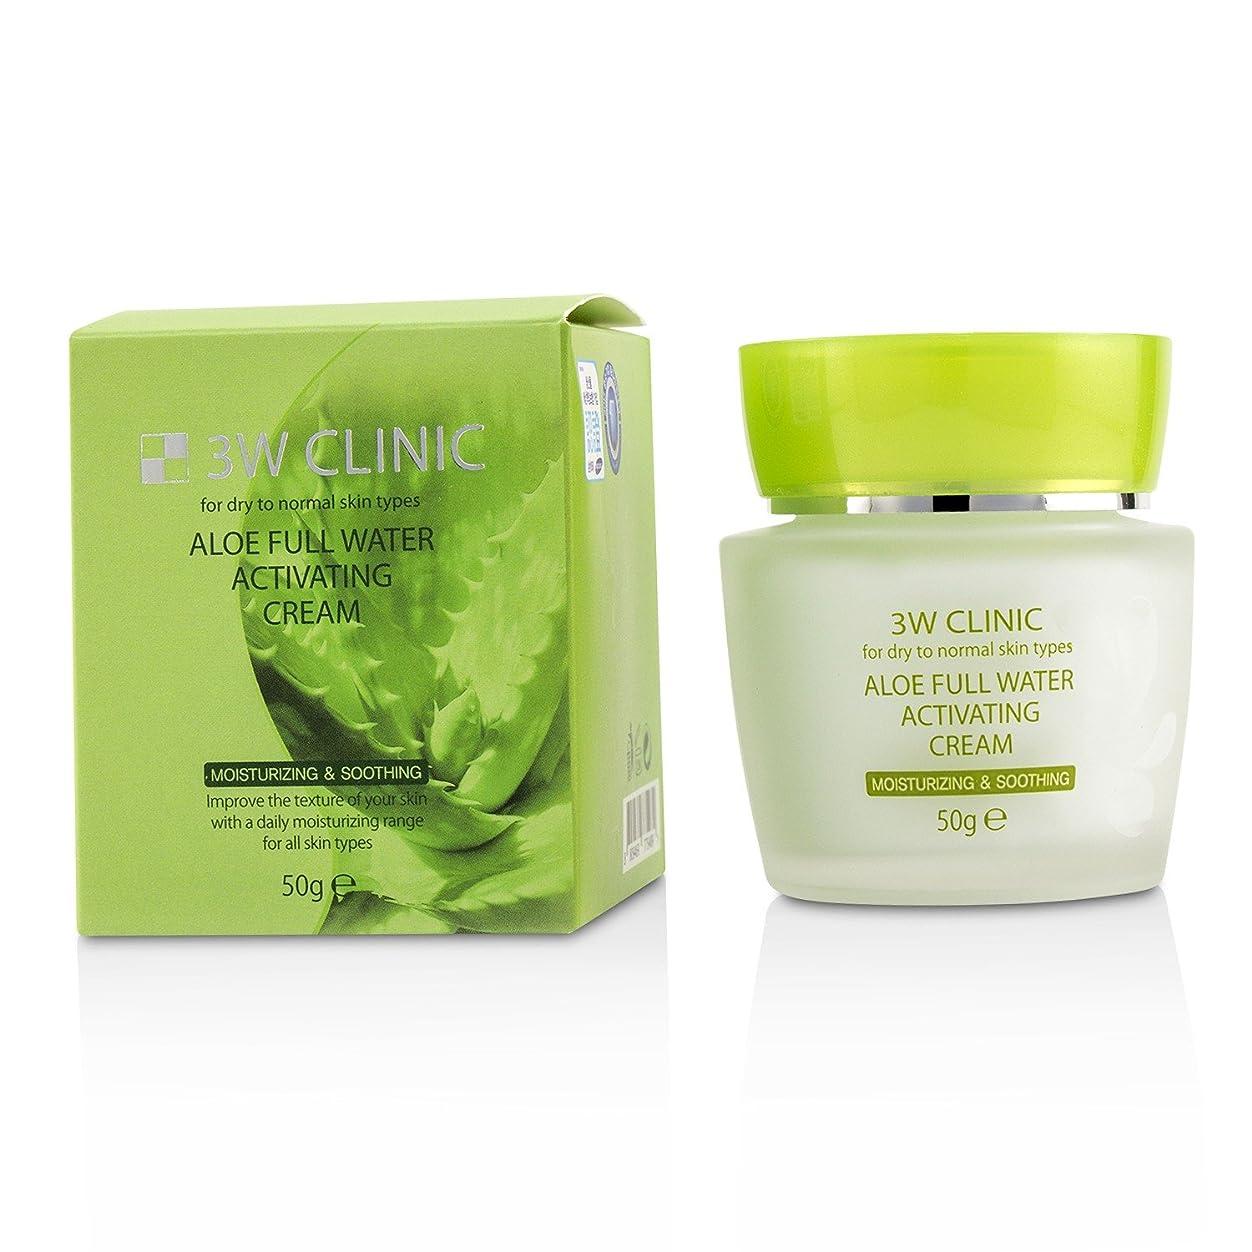 シダページネックレス3Wクリニック Aloe Full Water Activating Cream - For Dry to Normal Skin Types 50g/1.7oz並行輸入品